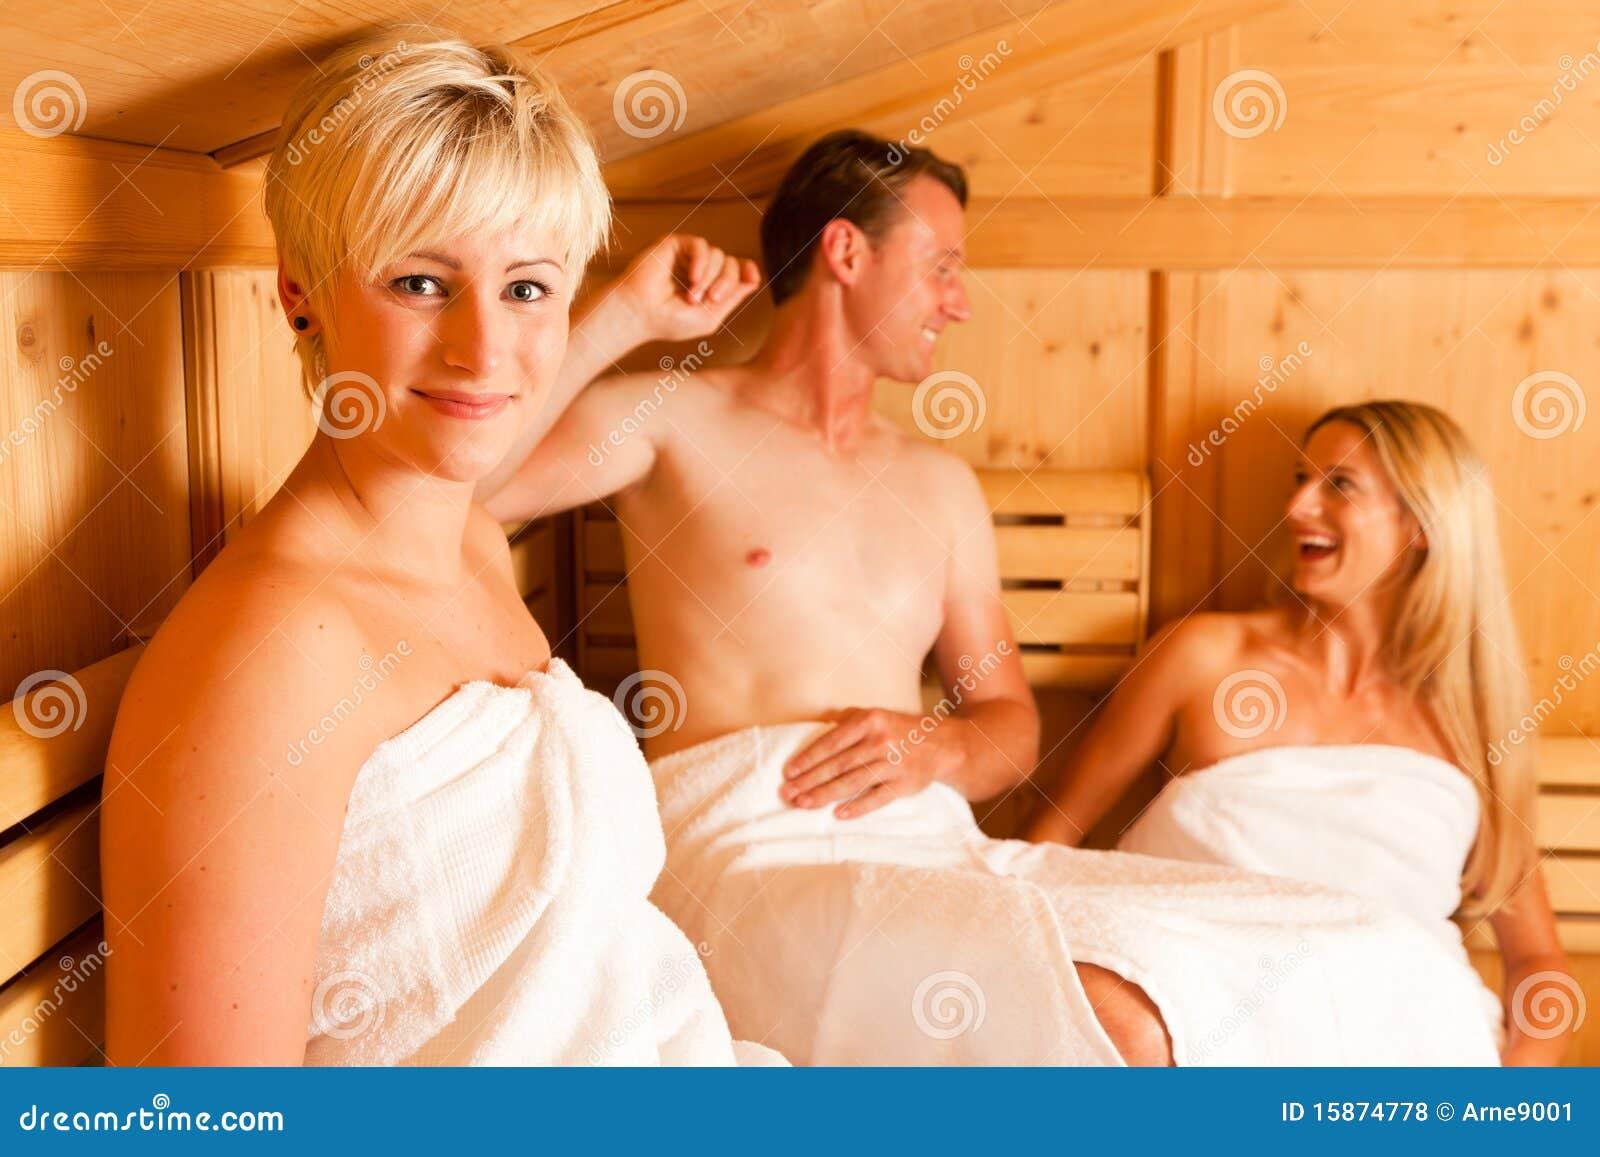 drei leute in der sauna stockfoto bild von hitze therapie 15874778. Black Bedroom Furniture Sets. Home Design Ideas